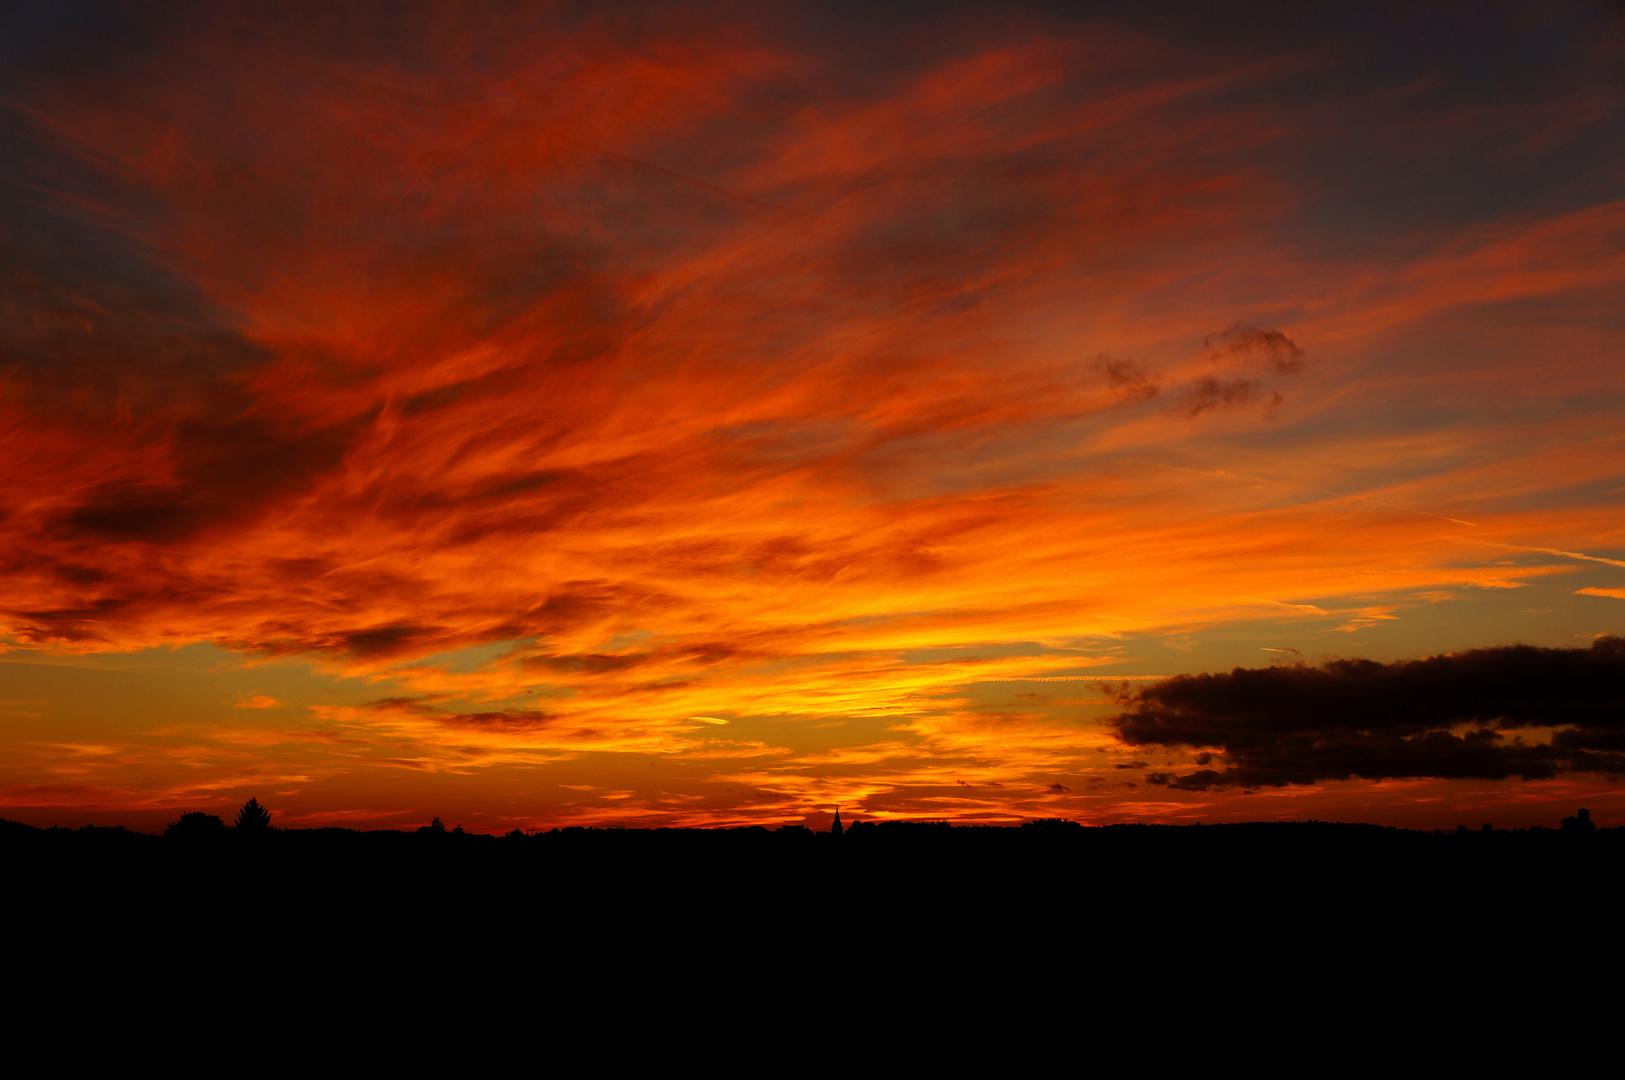 Sonnenuntergang in Welzheim